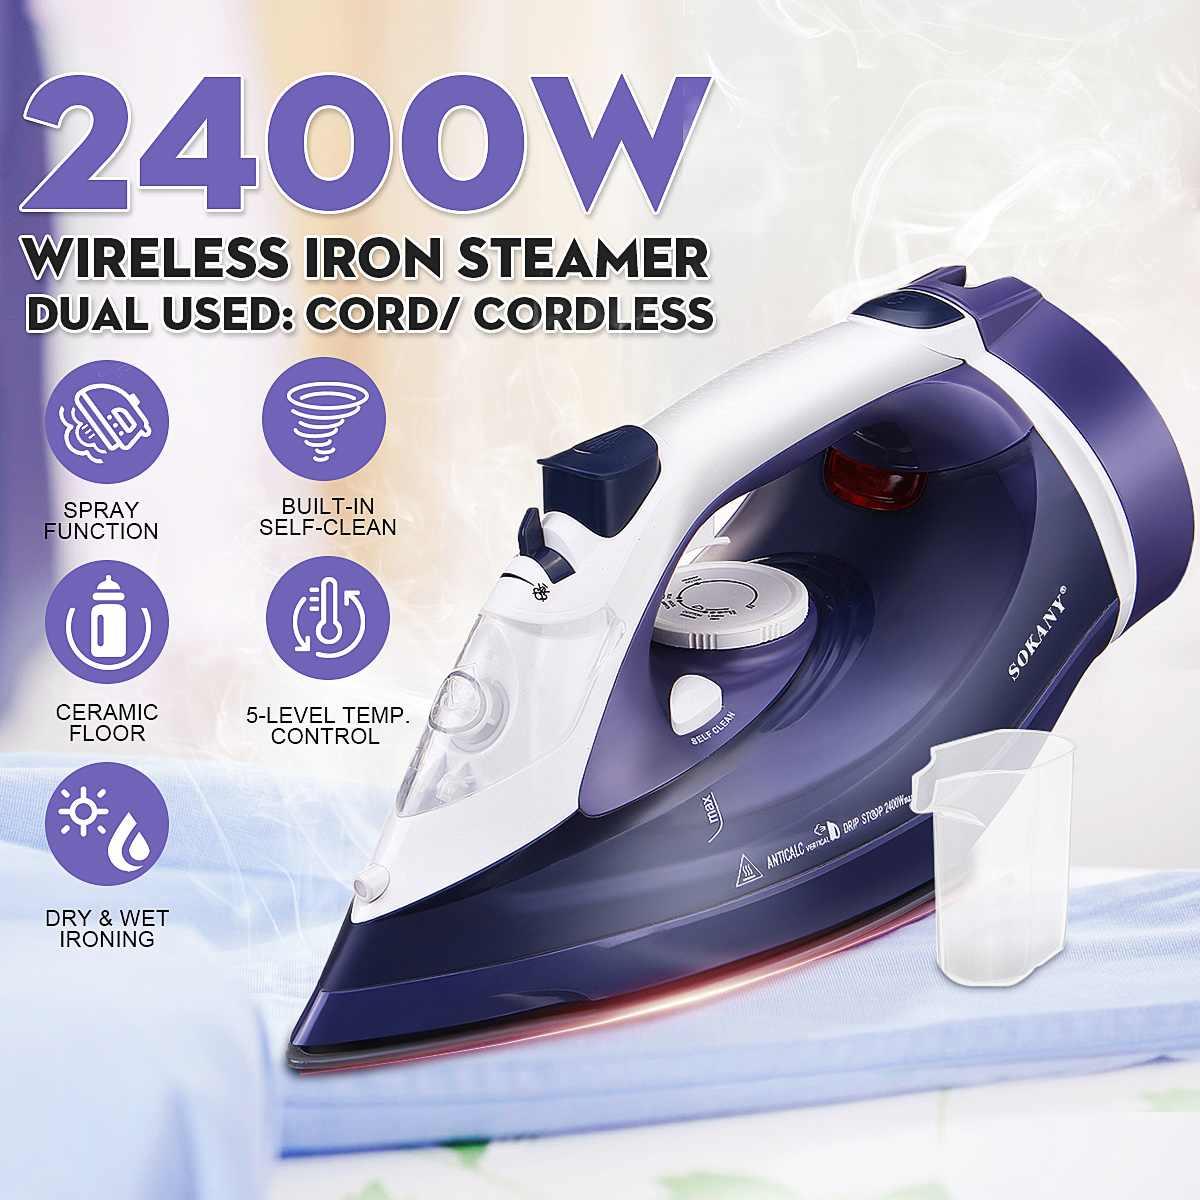 2400W sans fil fer à vapeur sans fil rechargeable Spray fers à vapeur vêtements sec humide repassage vapeur contrôle de la température Anti-goutte